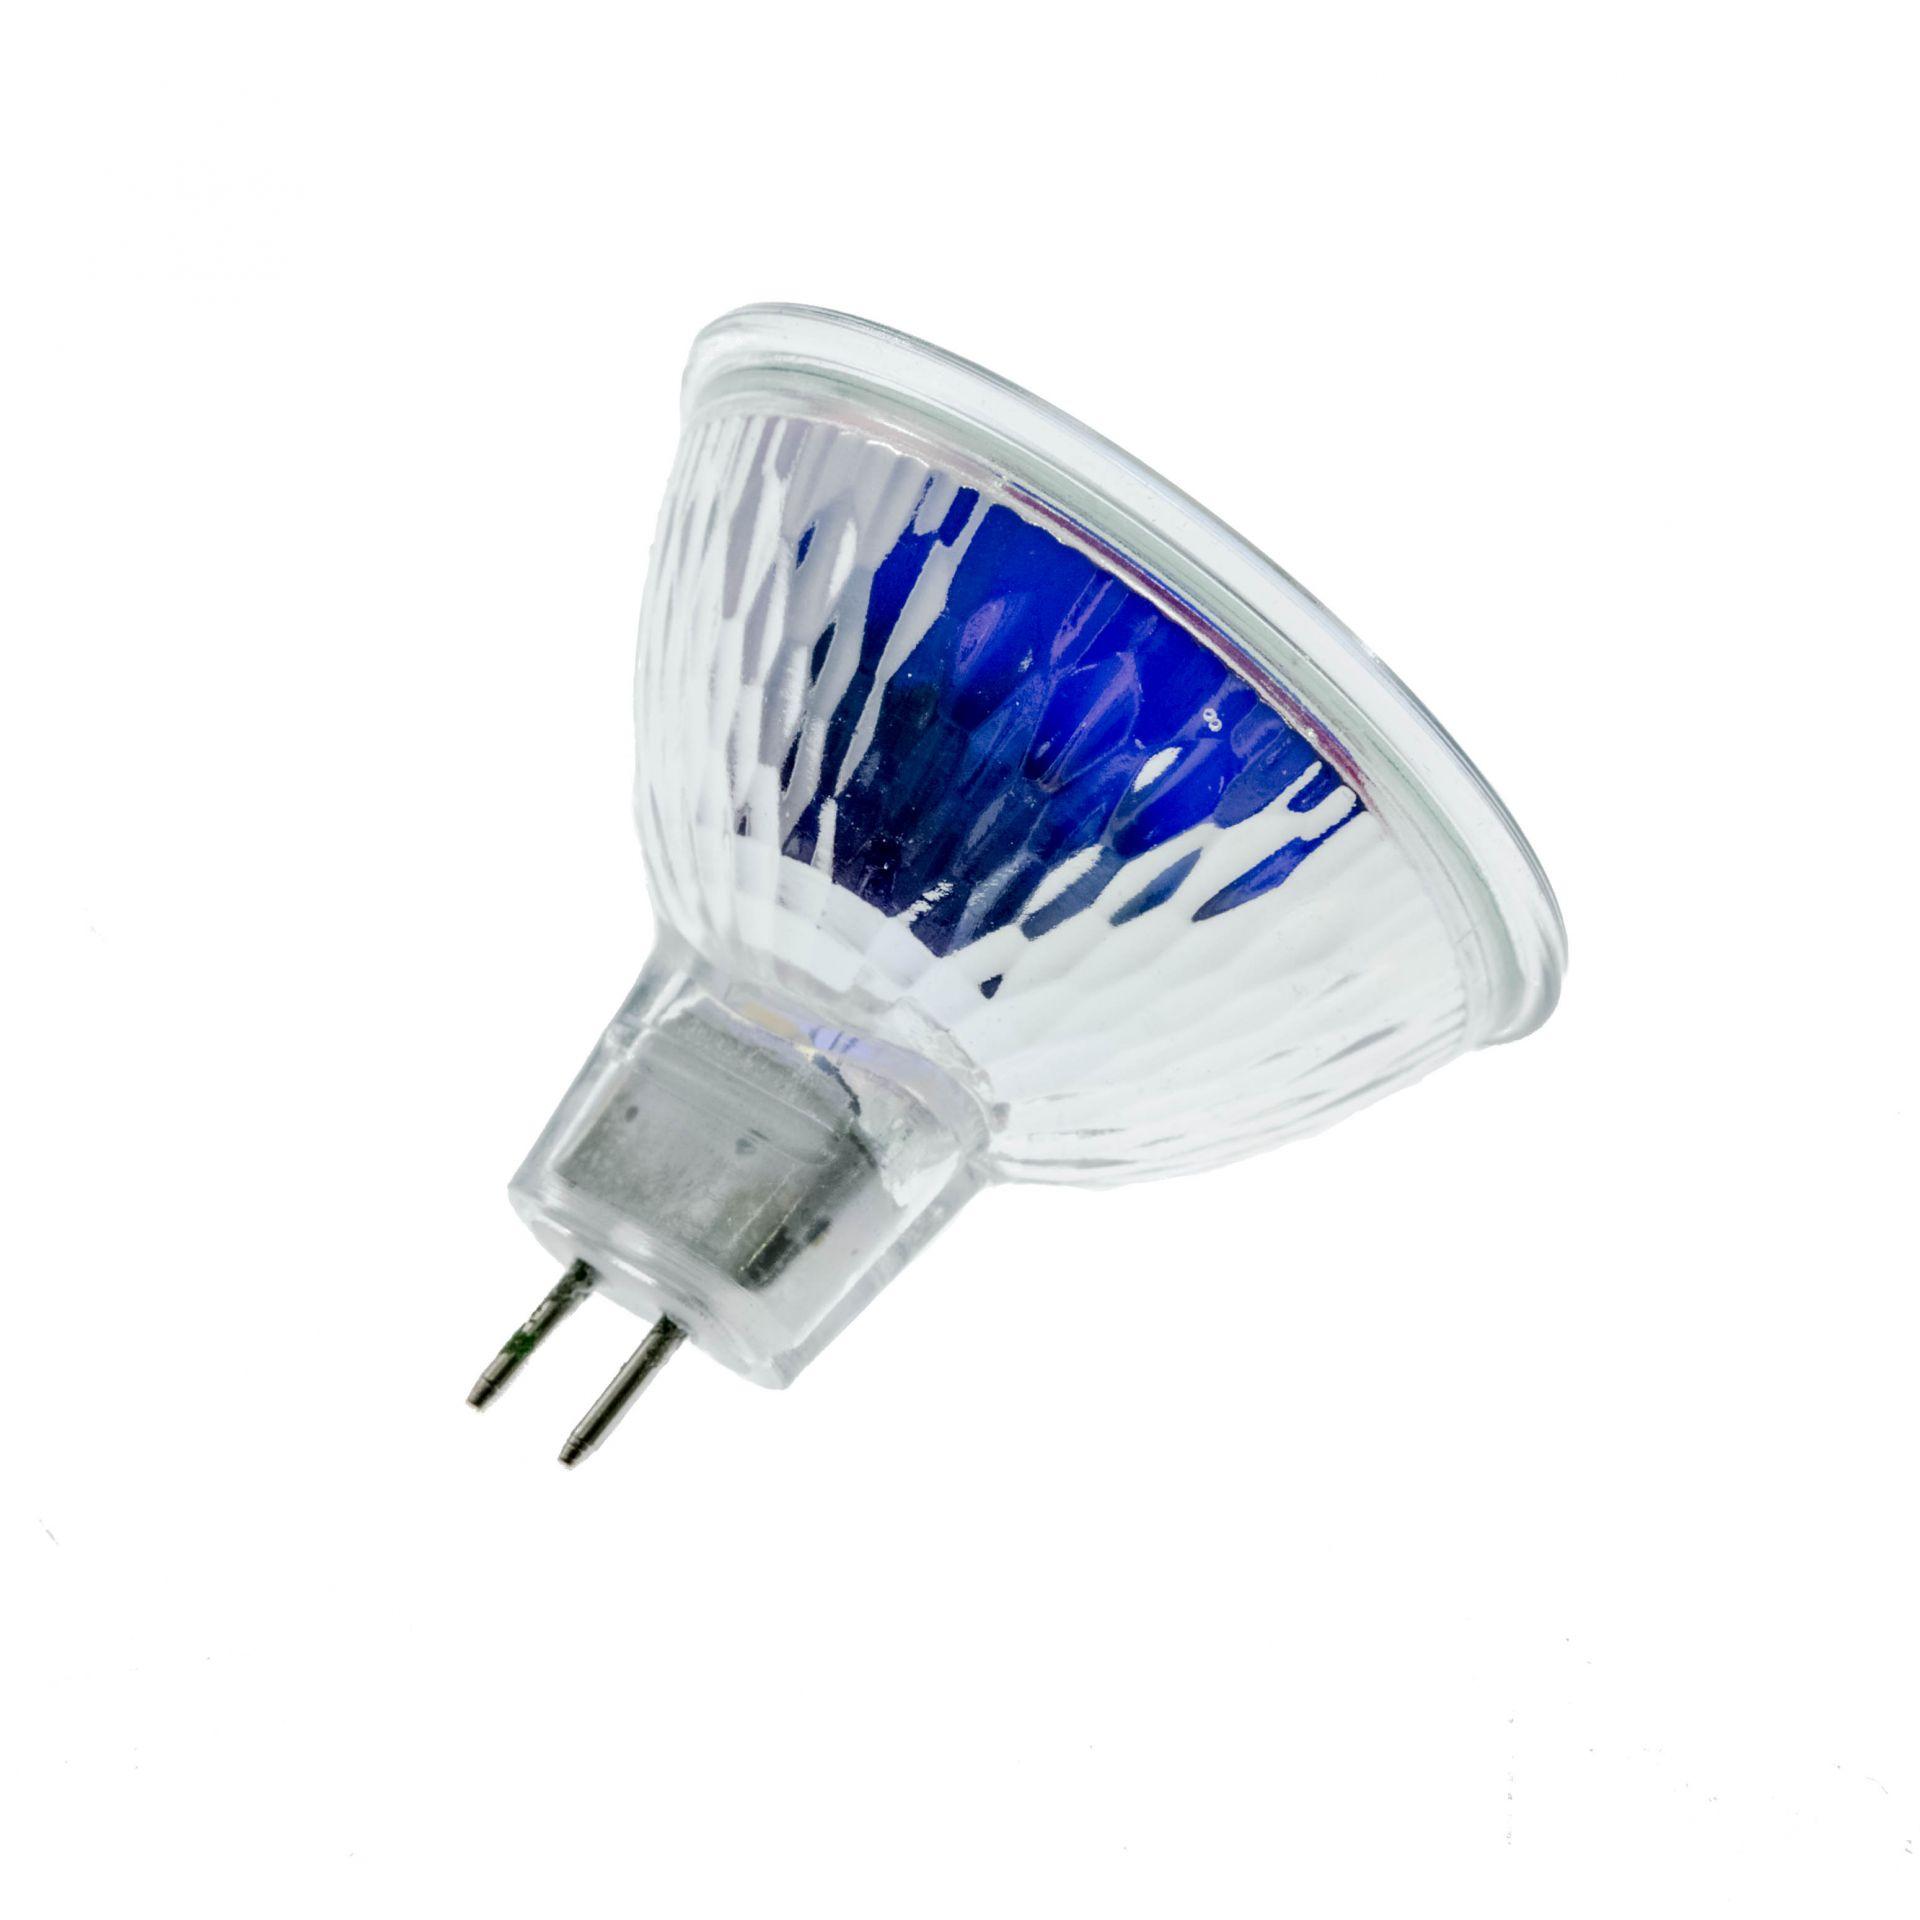 Ampoule MR16 H20W Dichroïque halogène 12V 20W D.50 - Bleu